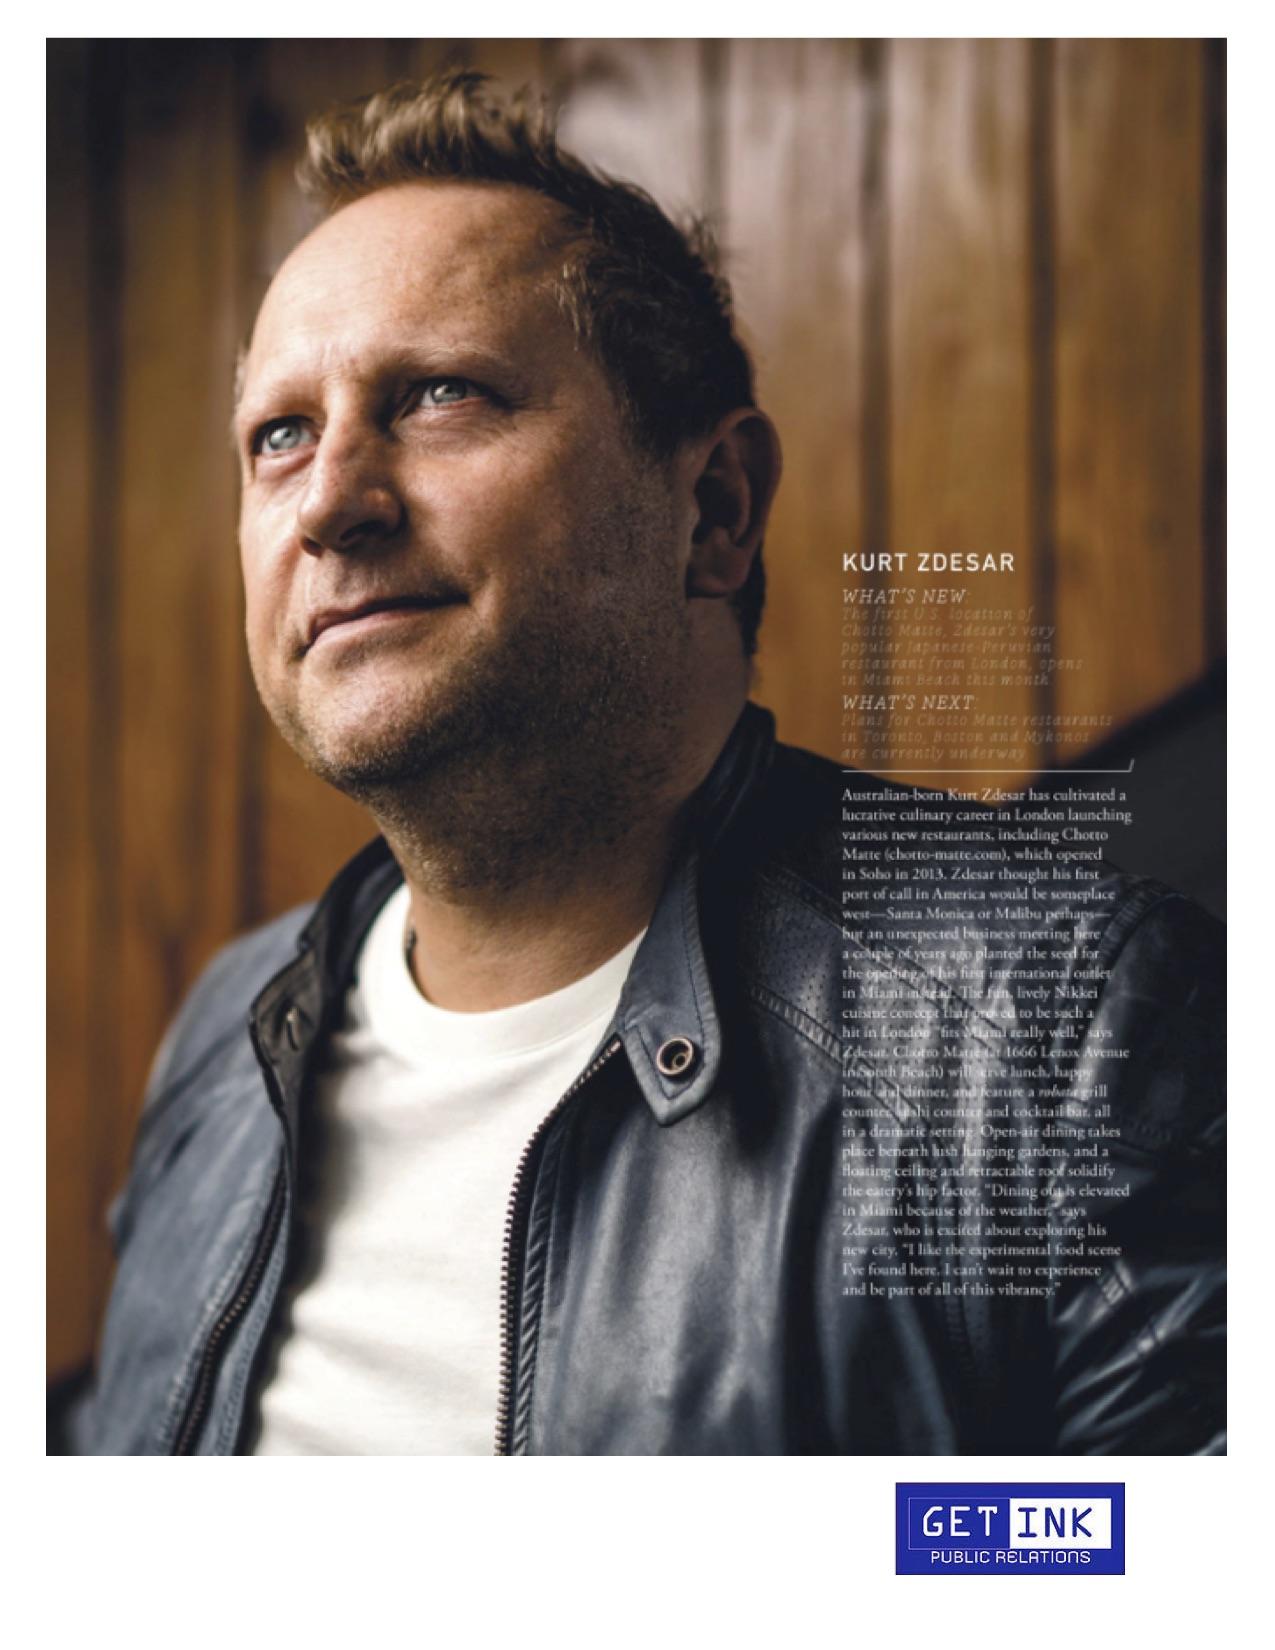 Chotto Matte Miami Magazine - Get Ink Pr